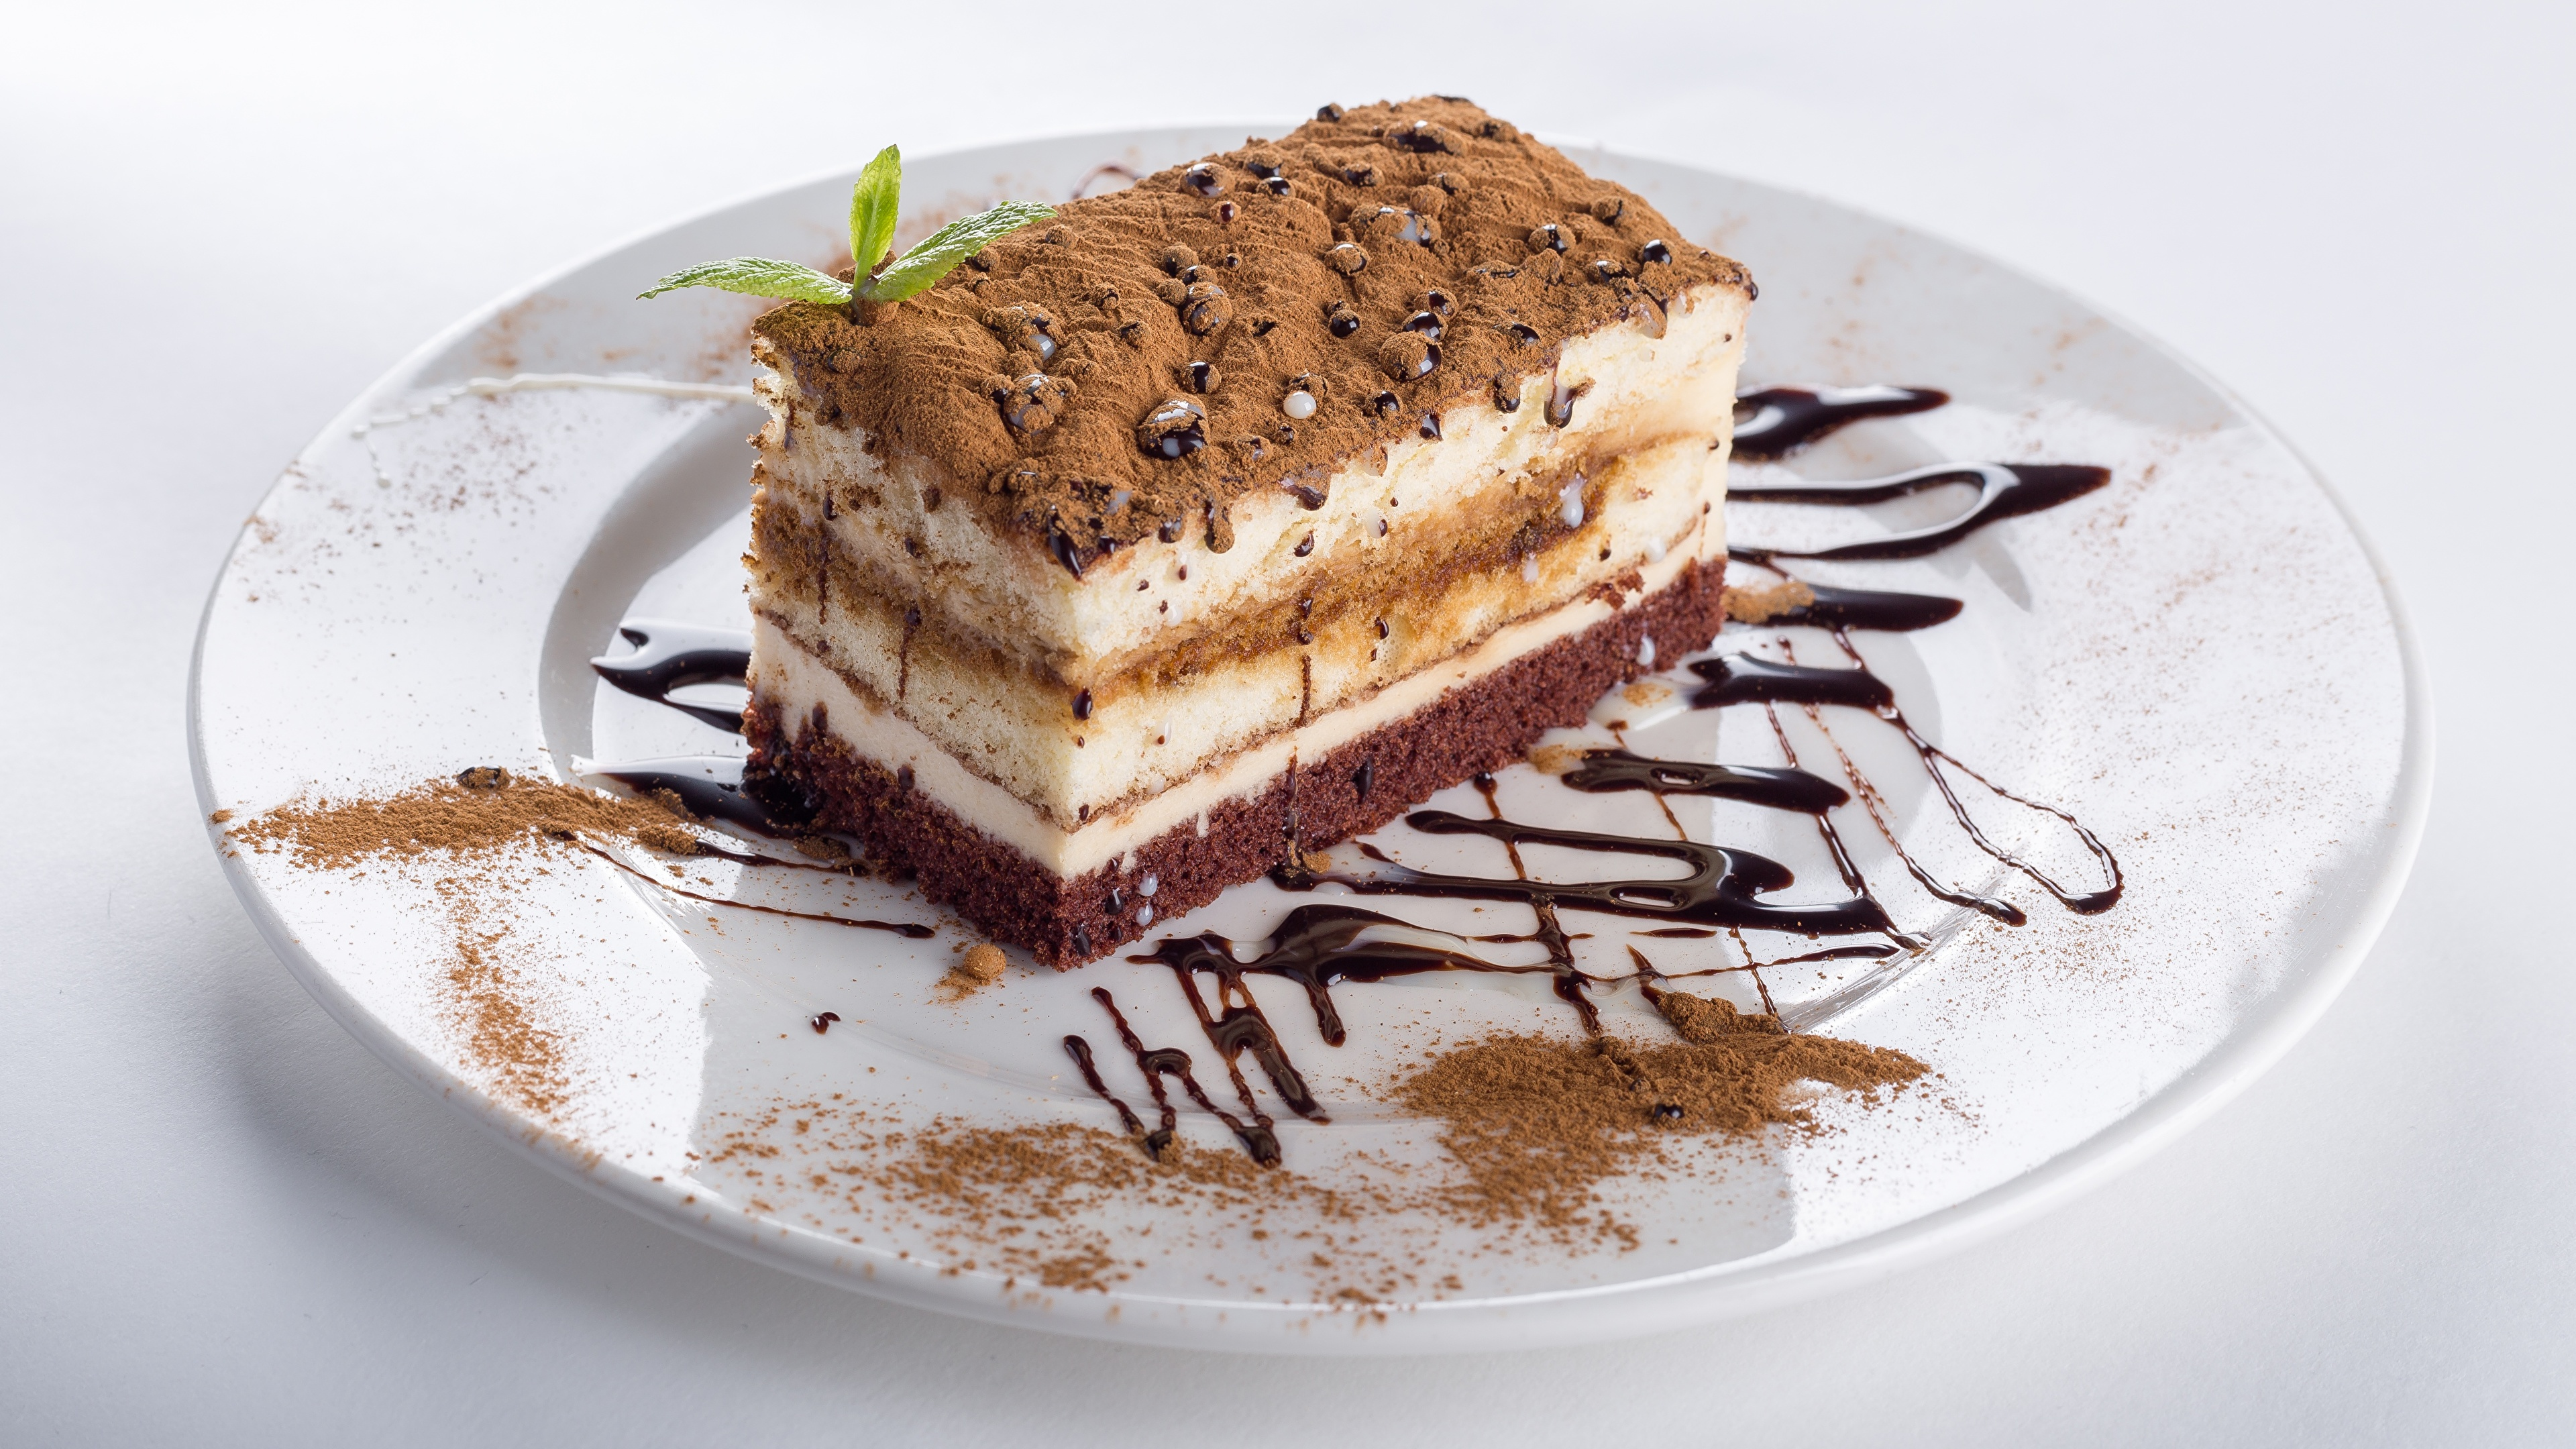 Фотографии Торты Какао порошок часть Еда Тарелка 3840x2160 Кусок Пища тарелке Продукты питания